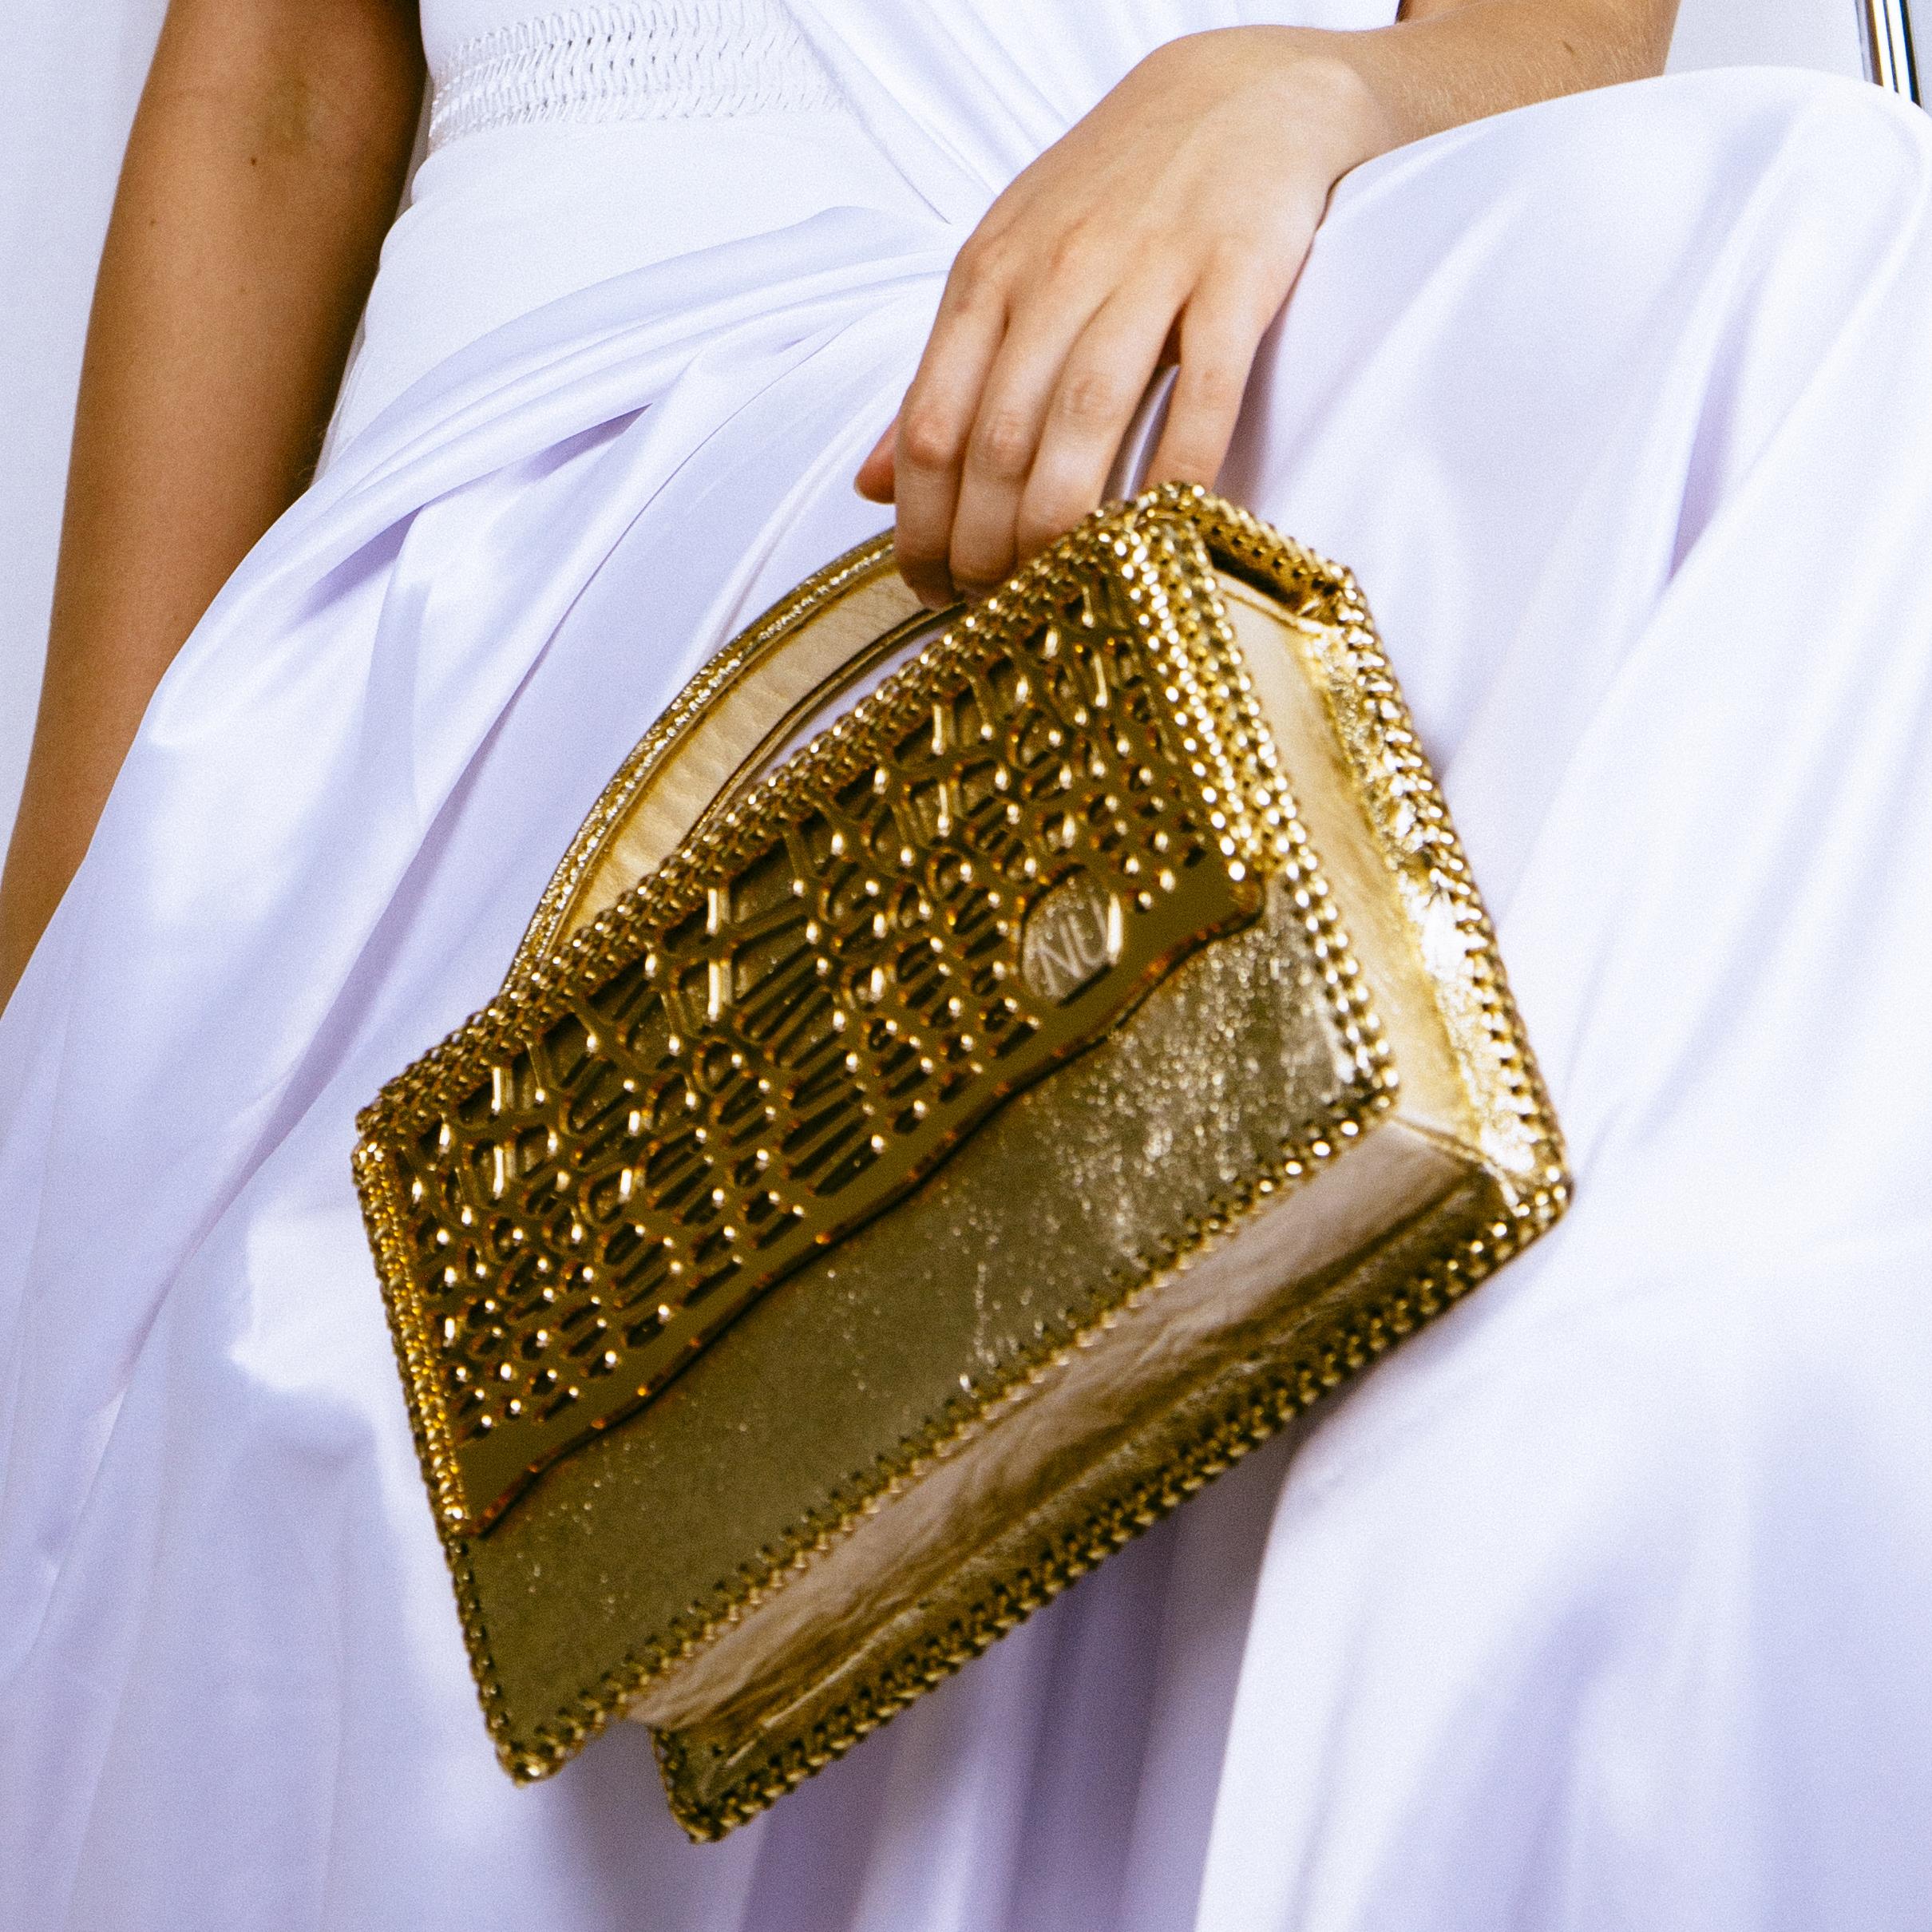 Gold Laced Amoeba Handbag